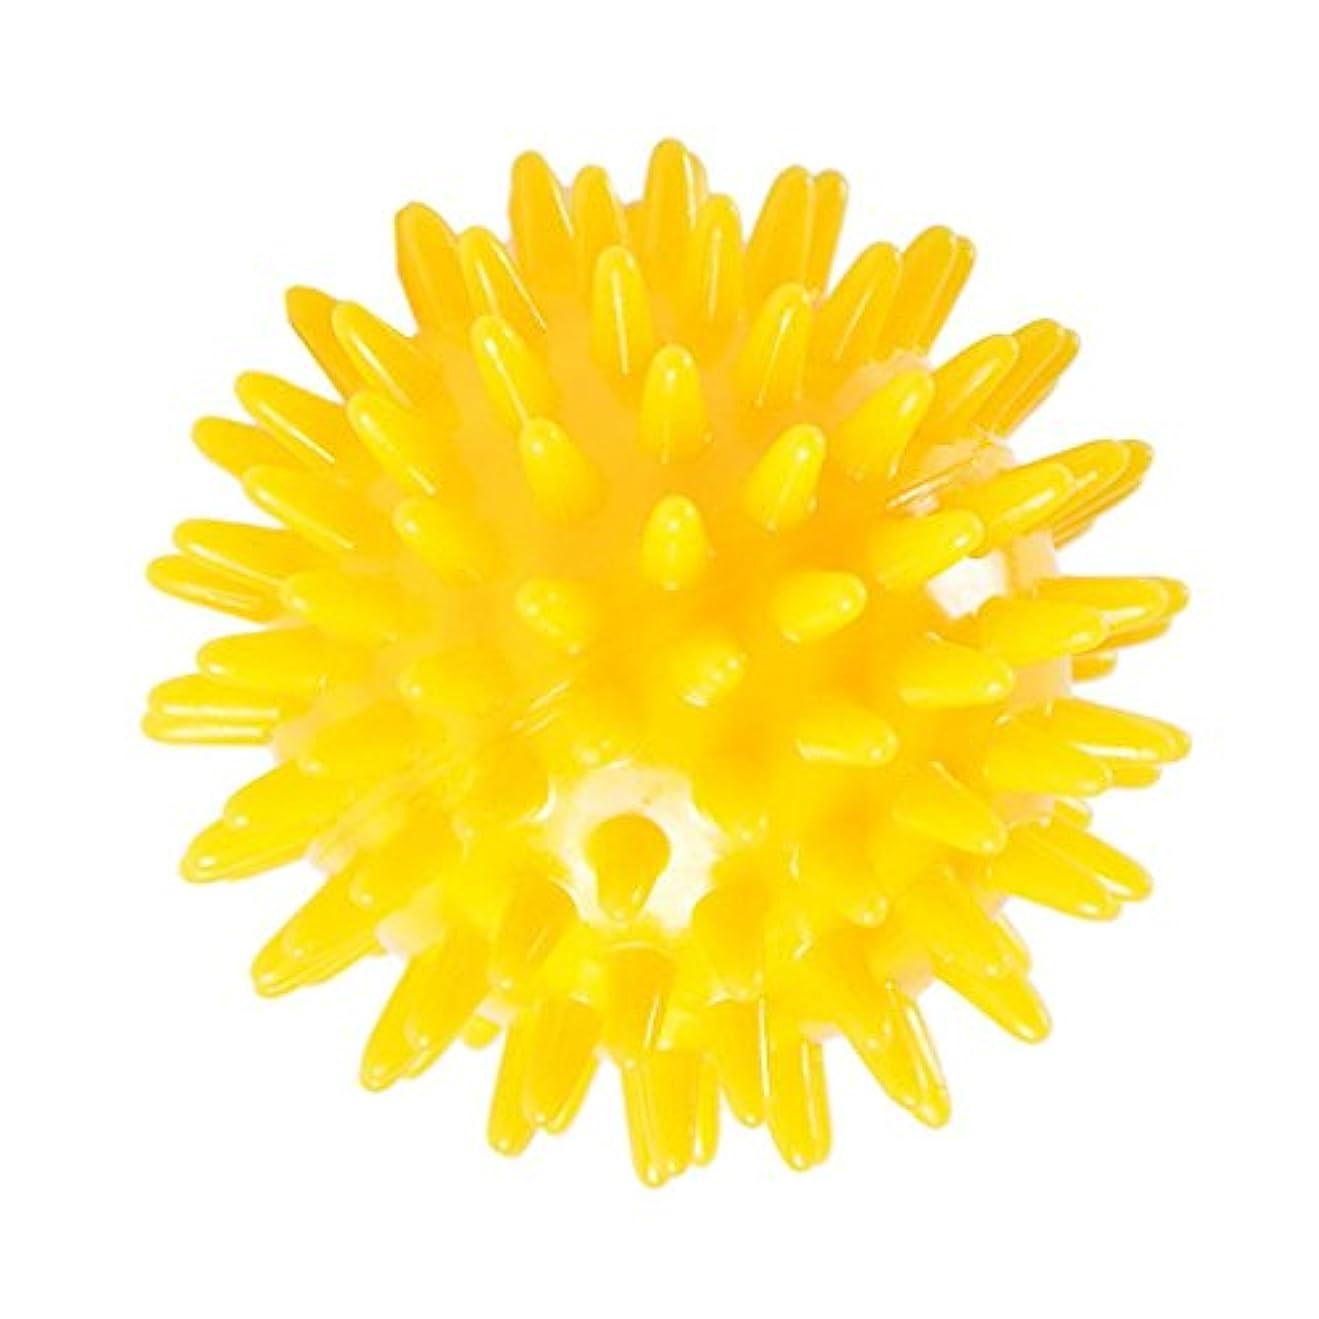 クローン豊富にアクセスマッサージボール スパイクマッサージボール トリガーポイントリリース ハンドエクササイズ ストレスリリーフ 3サイズ選べる - 黄, 6cm